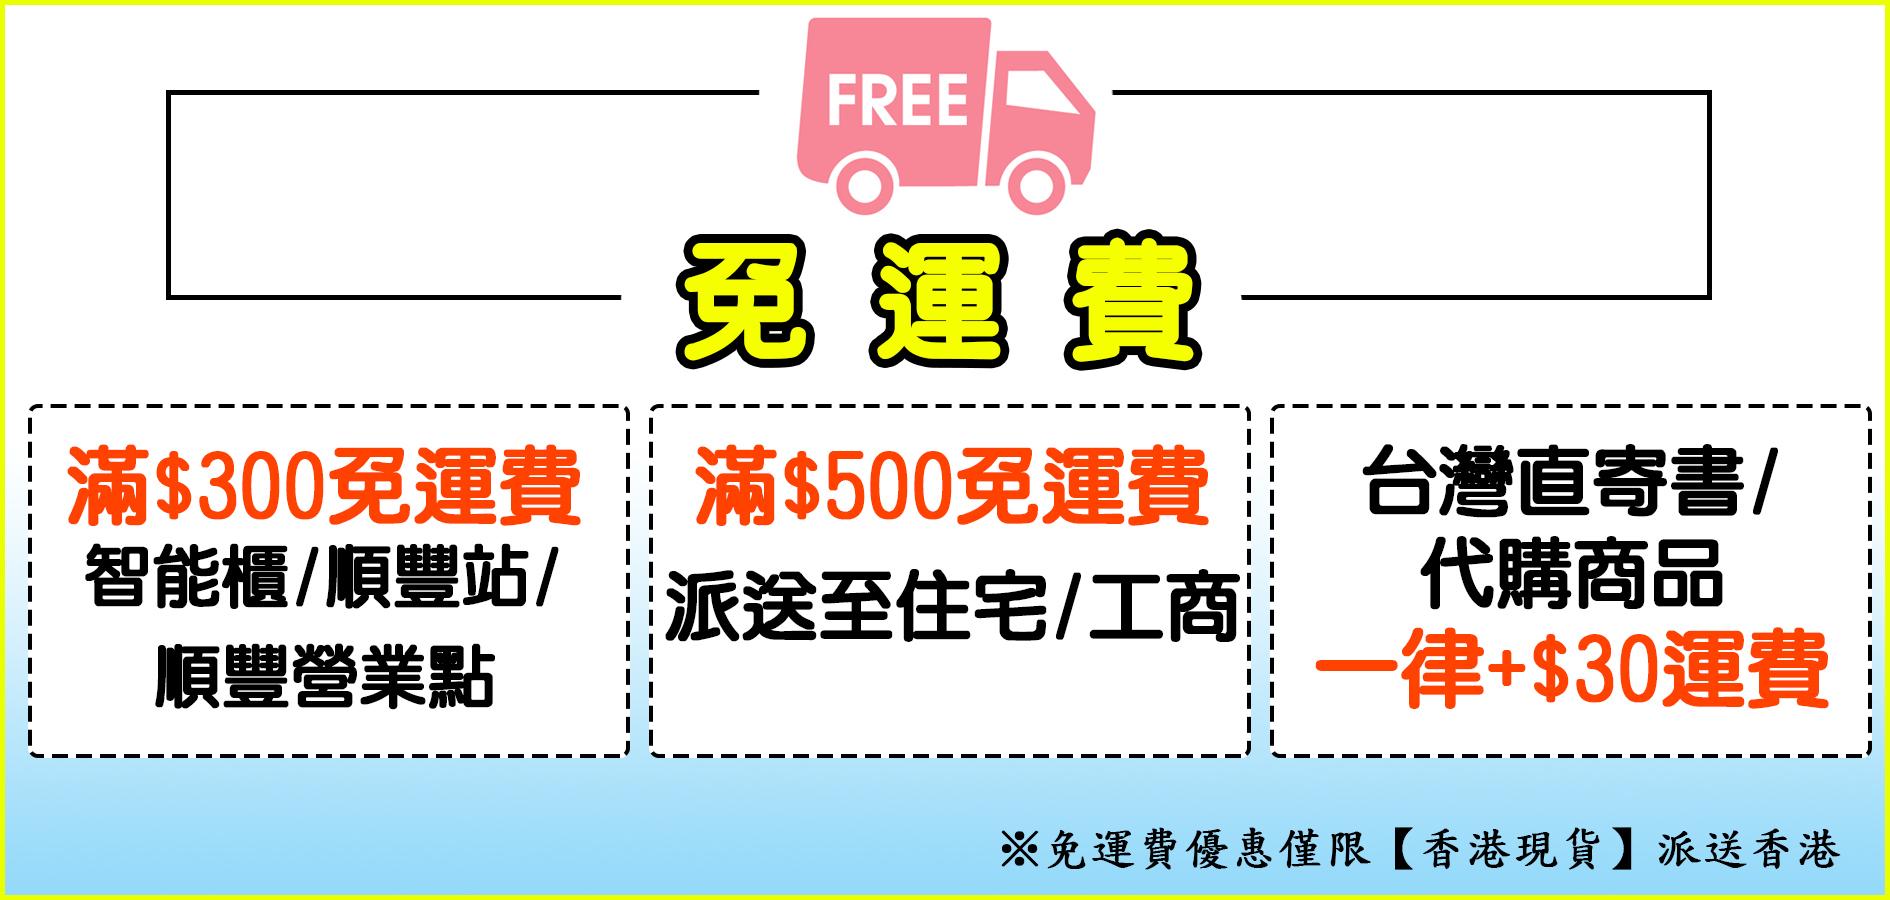 LikGo  - |嬰幼兒用品、孕婦用品專門店